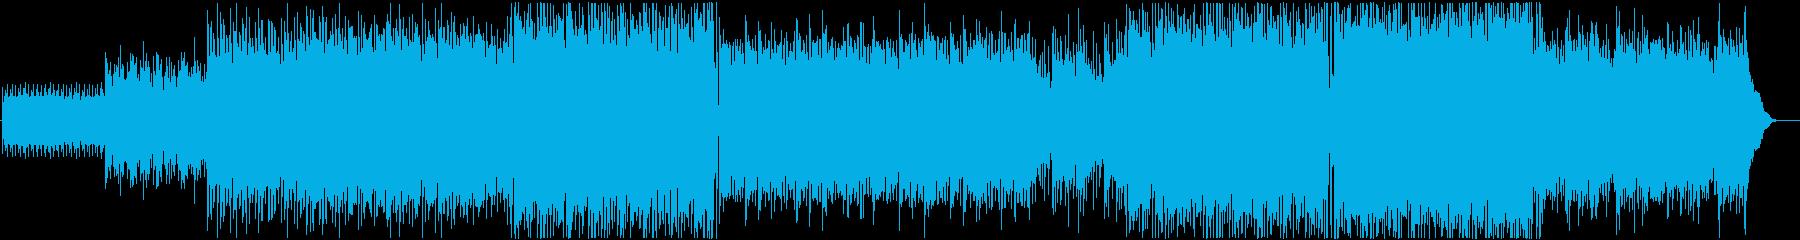 Epic 爽快かつ壮大な映像系BGMの再生済みの波形